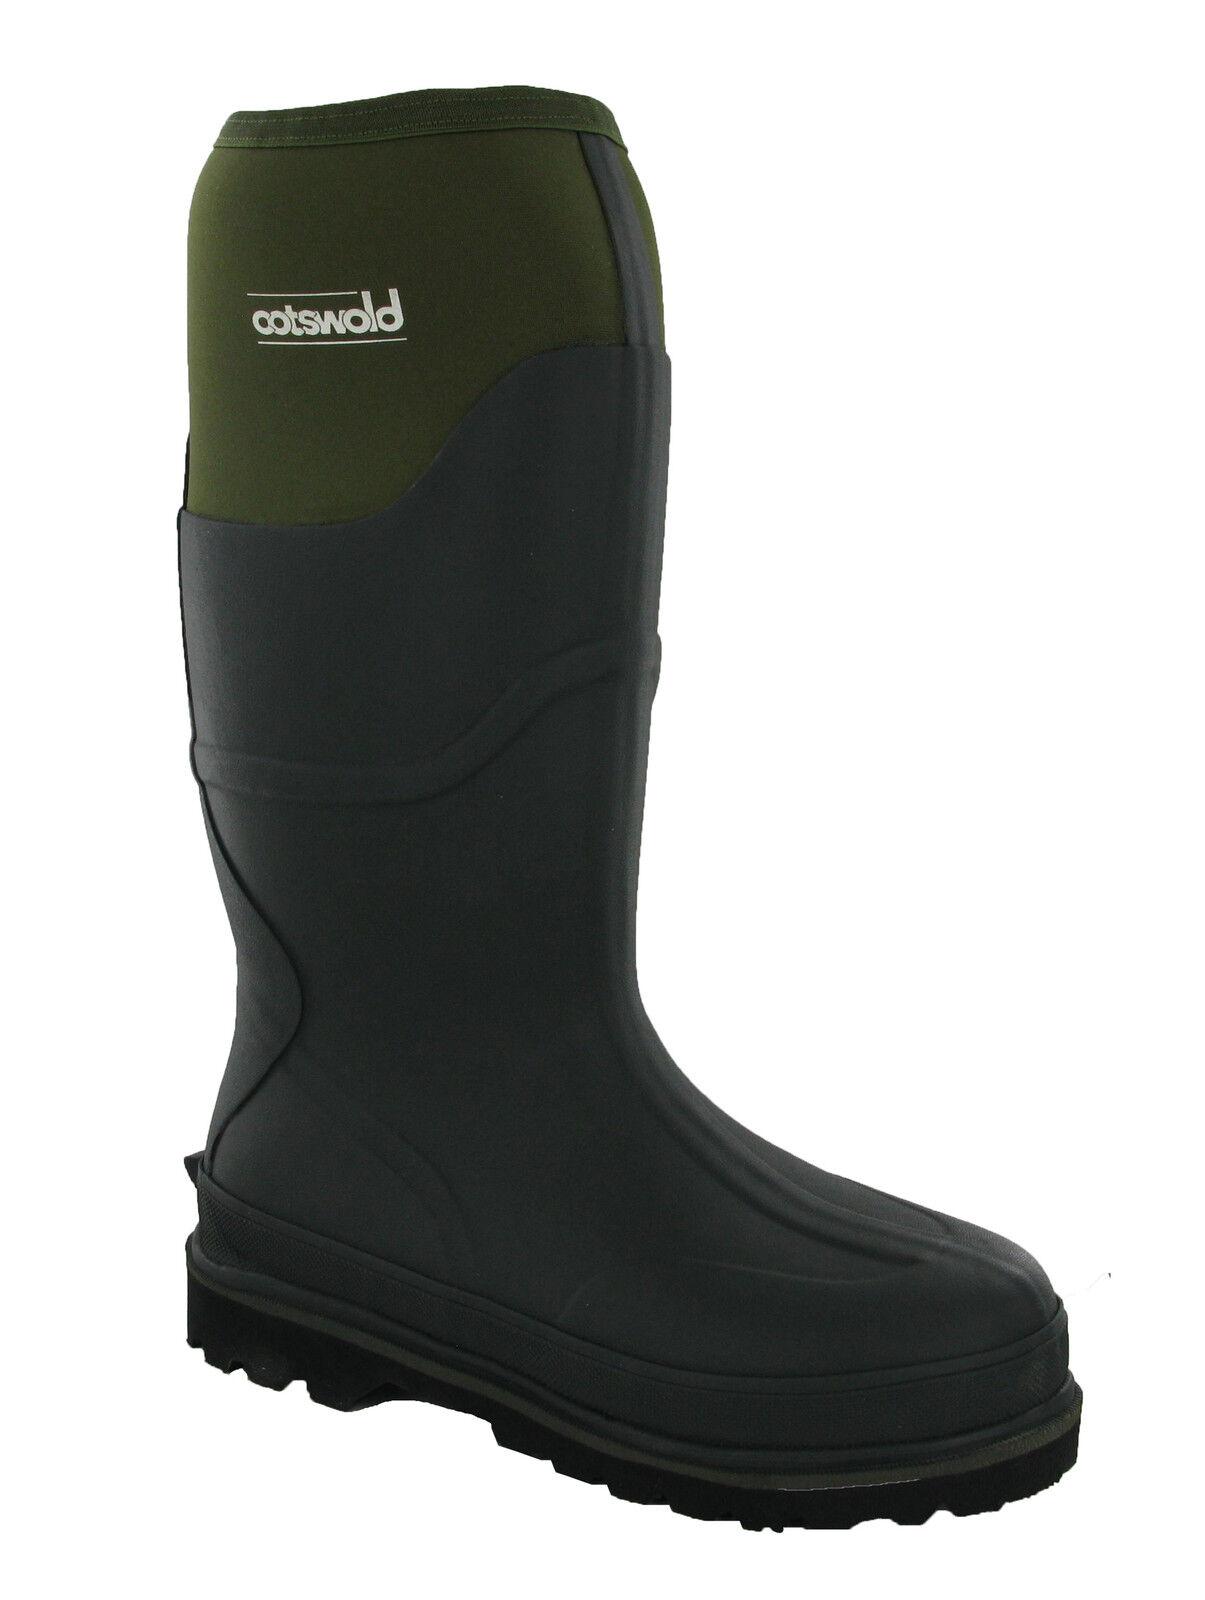 Cotswold Ranger con Forro de Neopreno Mugrero Impermeable Hombre botas Agua